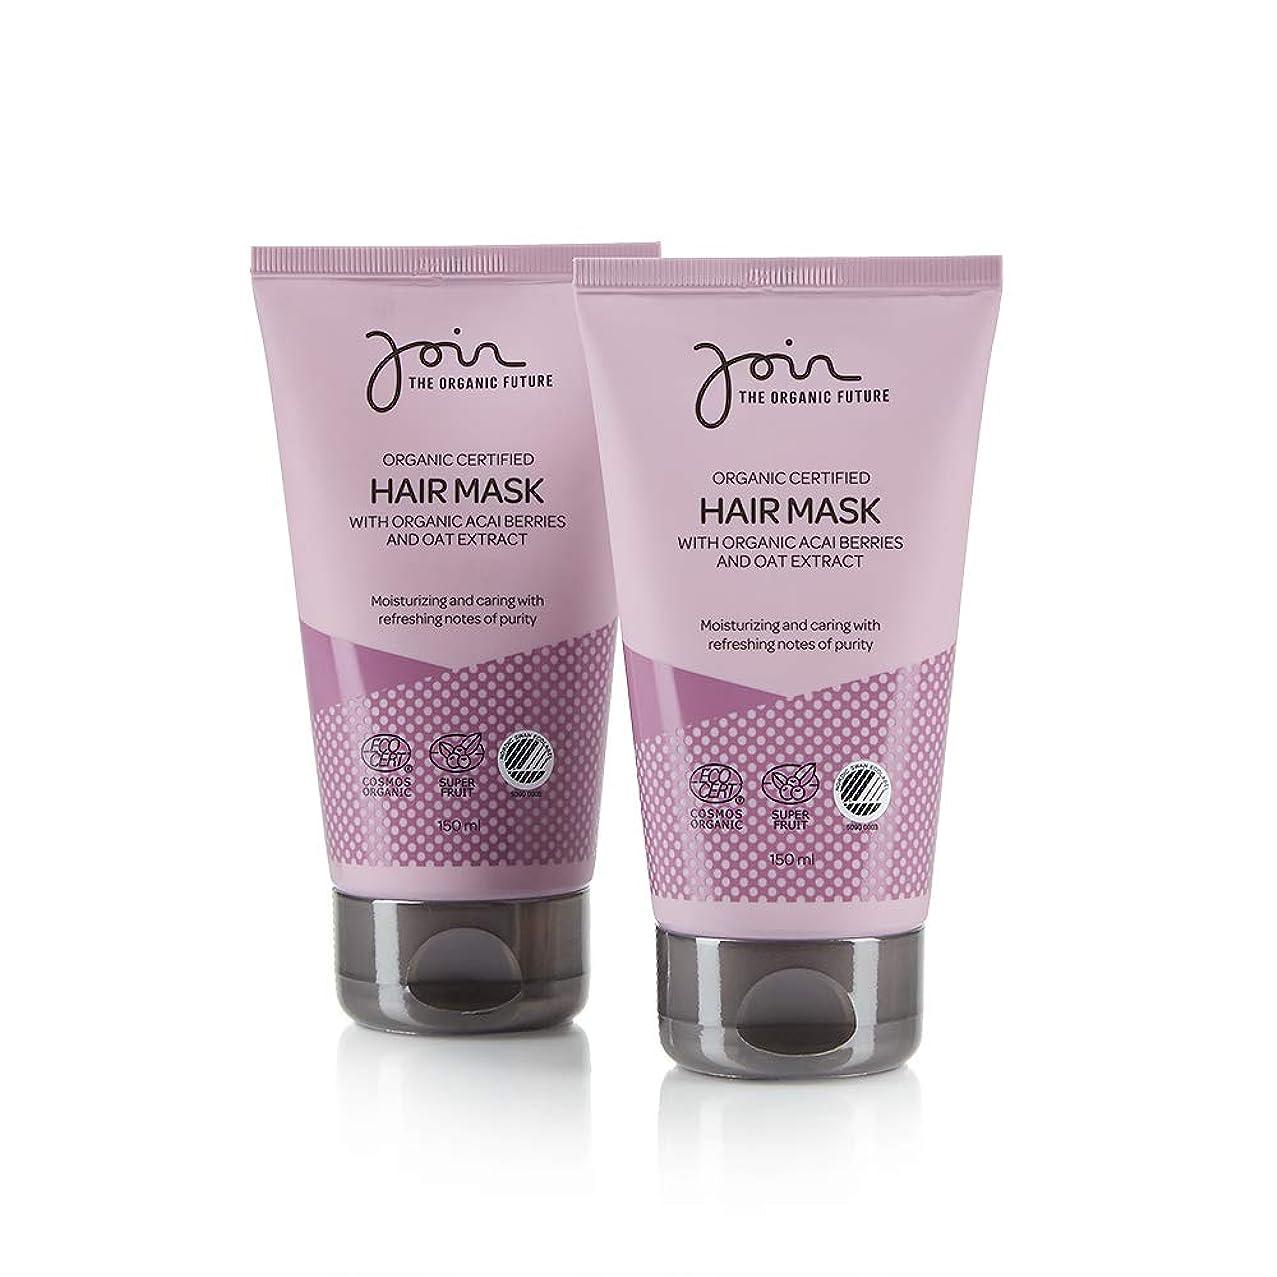 スティックアドバンテージ剥ぎ取るAcai Berries&Oat Extractでオーガニック認定のヘアマスクに参加 - 150ml入りチューブ2本入り。